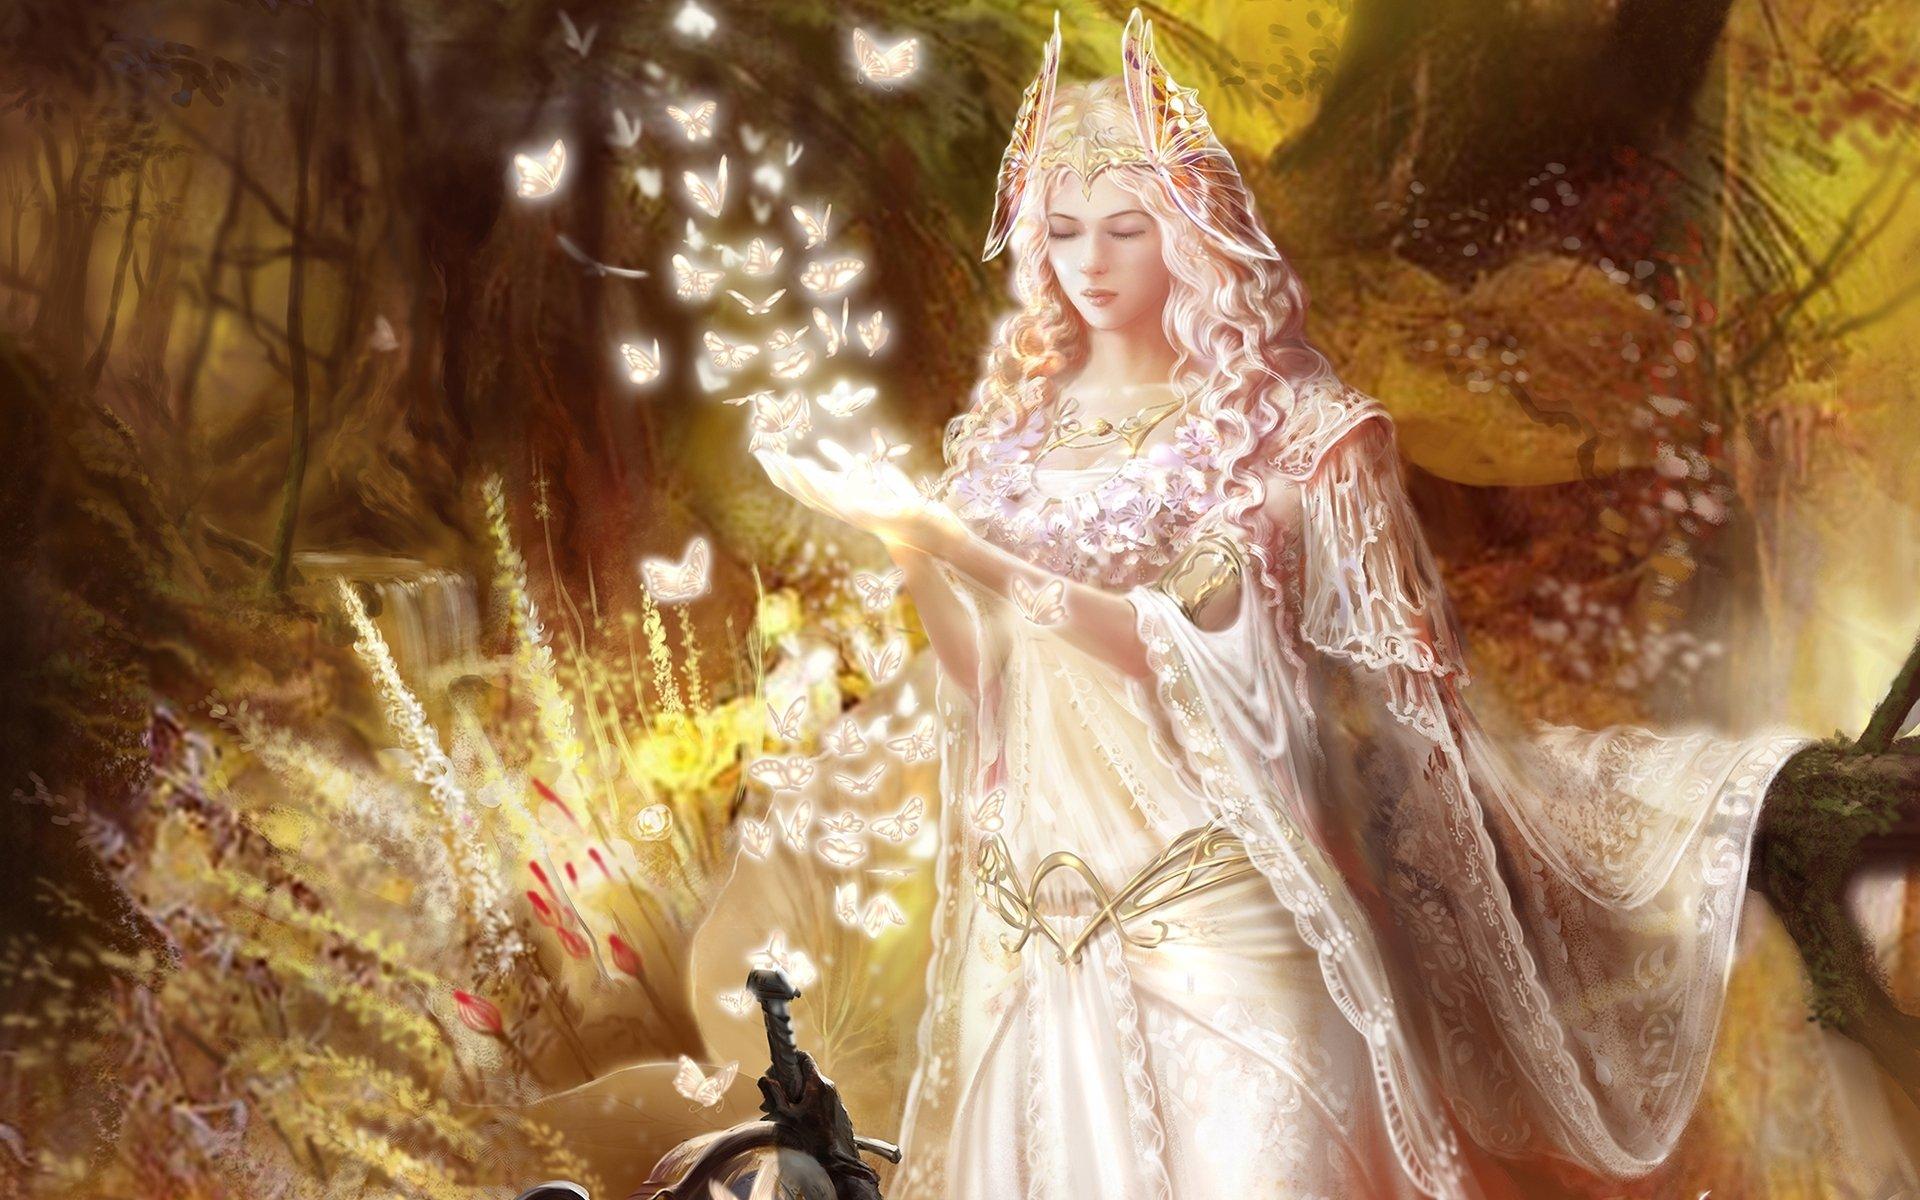 модульных богиня добра картинки продвижение шло